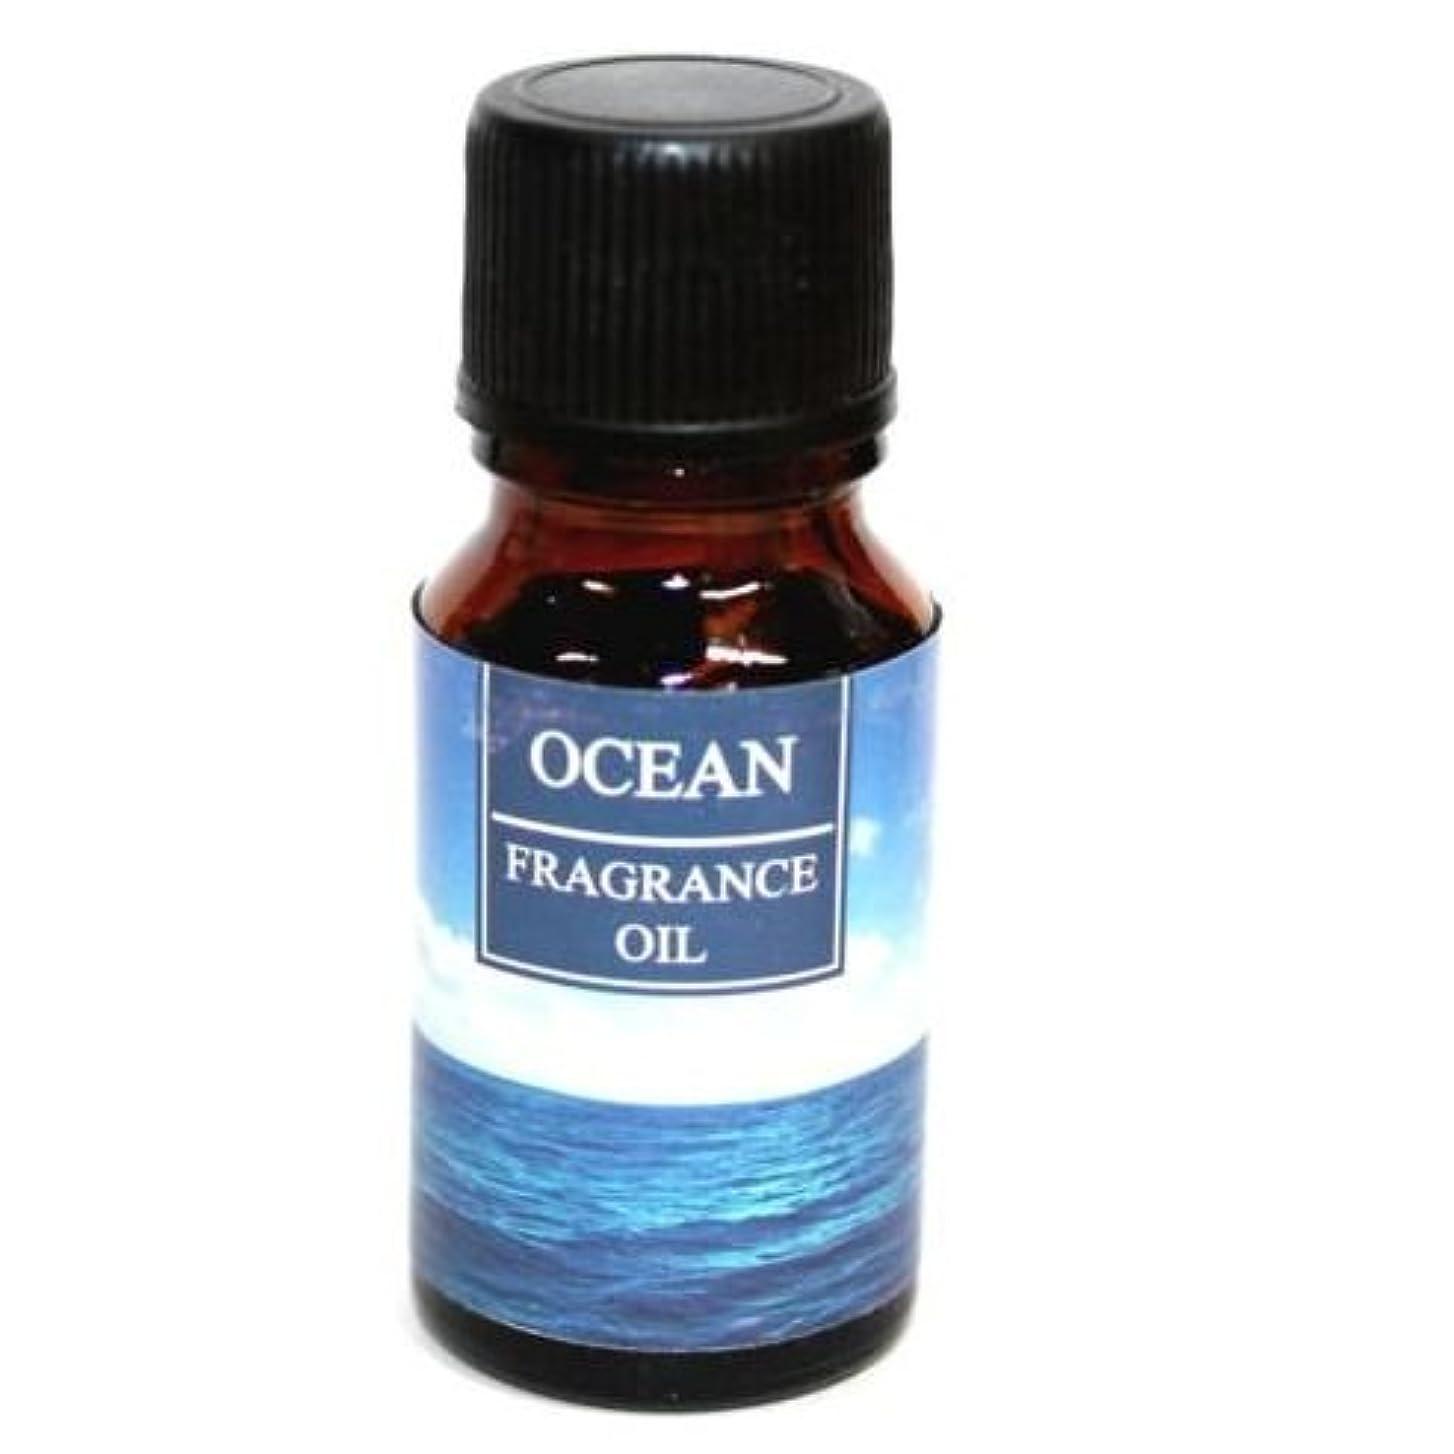 祝福する絶滅調整するRELAXING アロマオイル AROMA OIL フレグランスオイル OCEAN 海の香り RQ-10